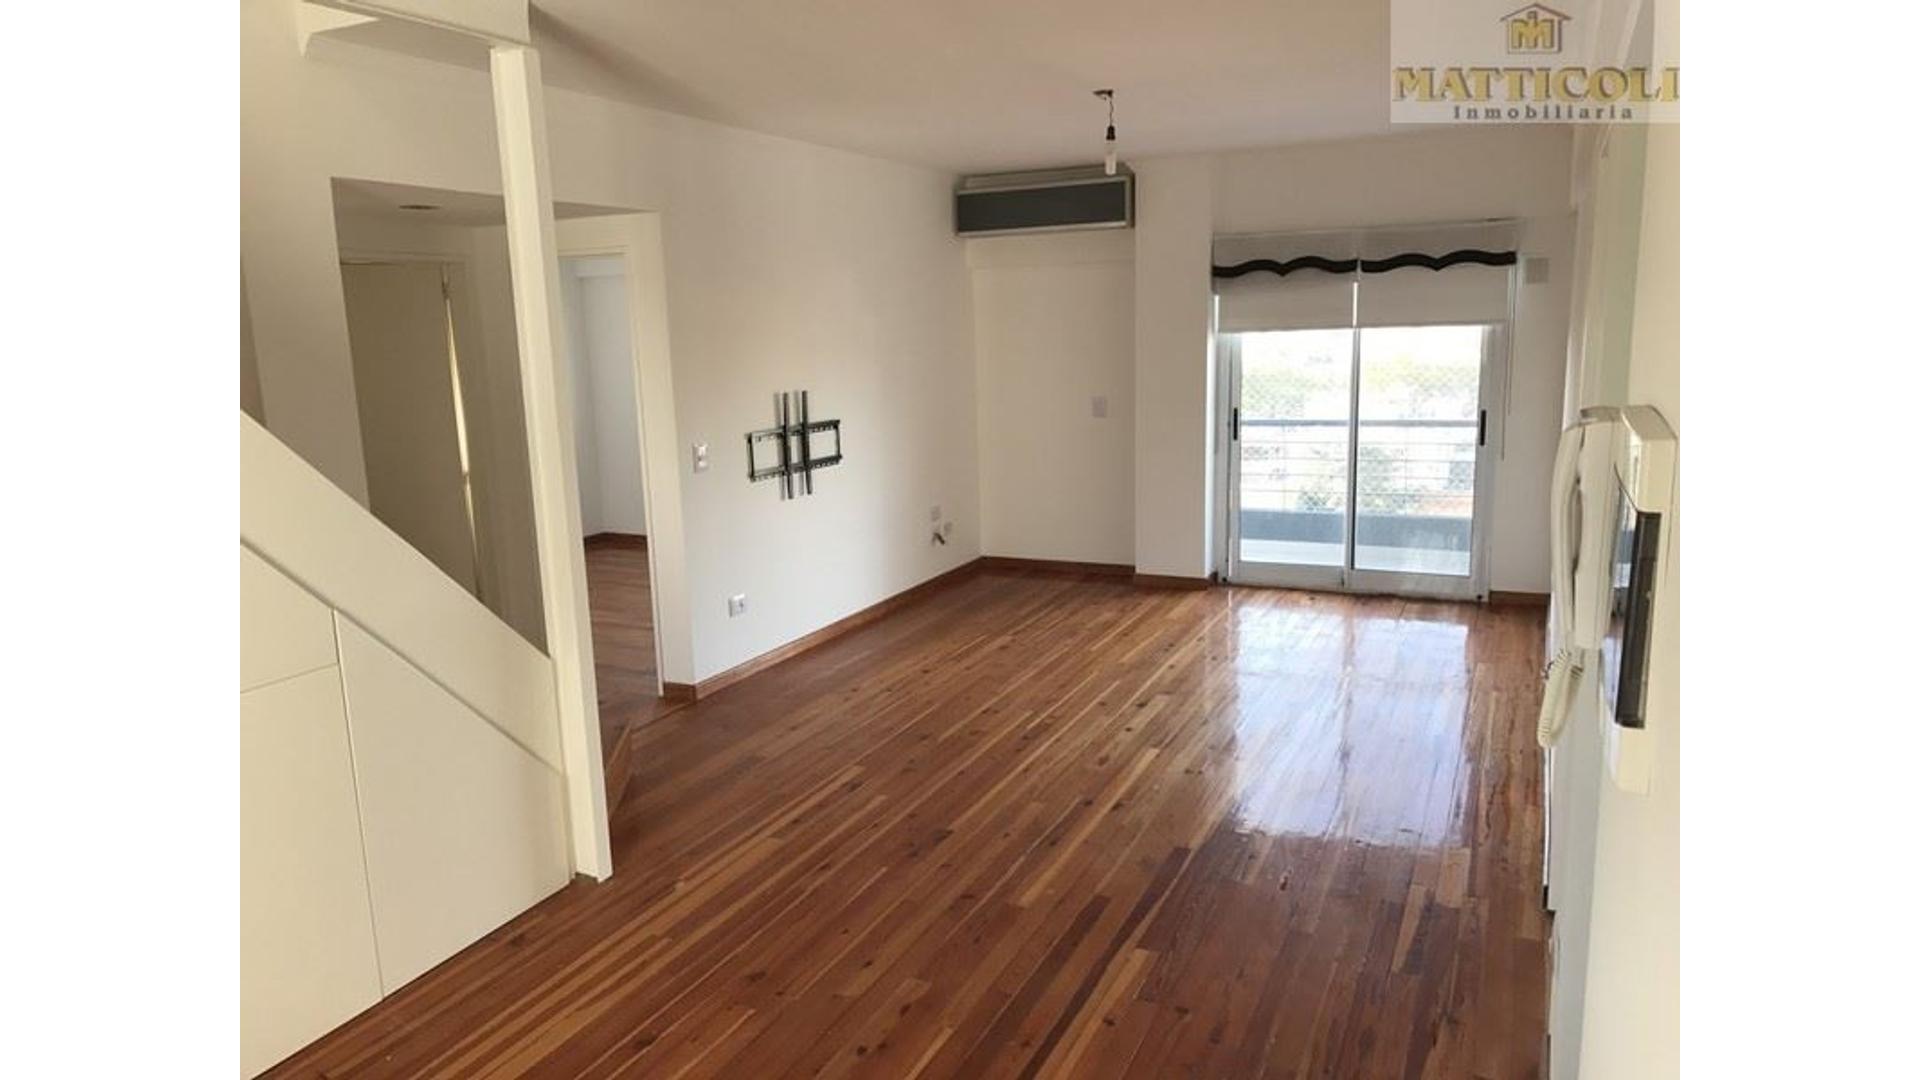 Impecable 5 ambientes con cochera, patio, parilla y playroom en Villa Ballester